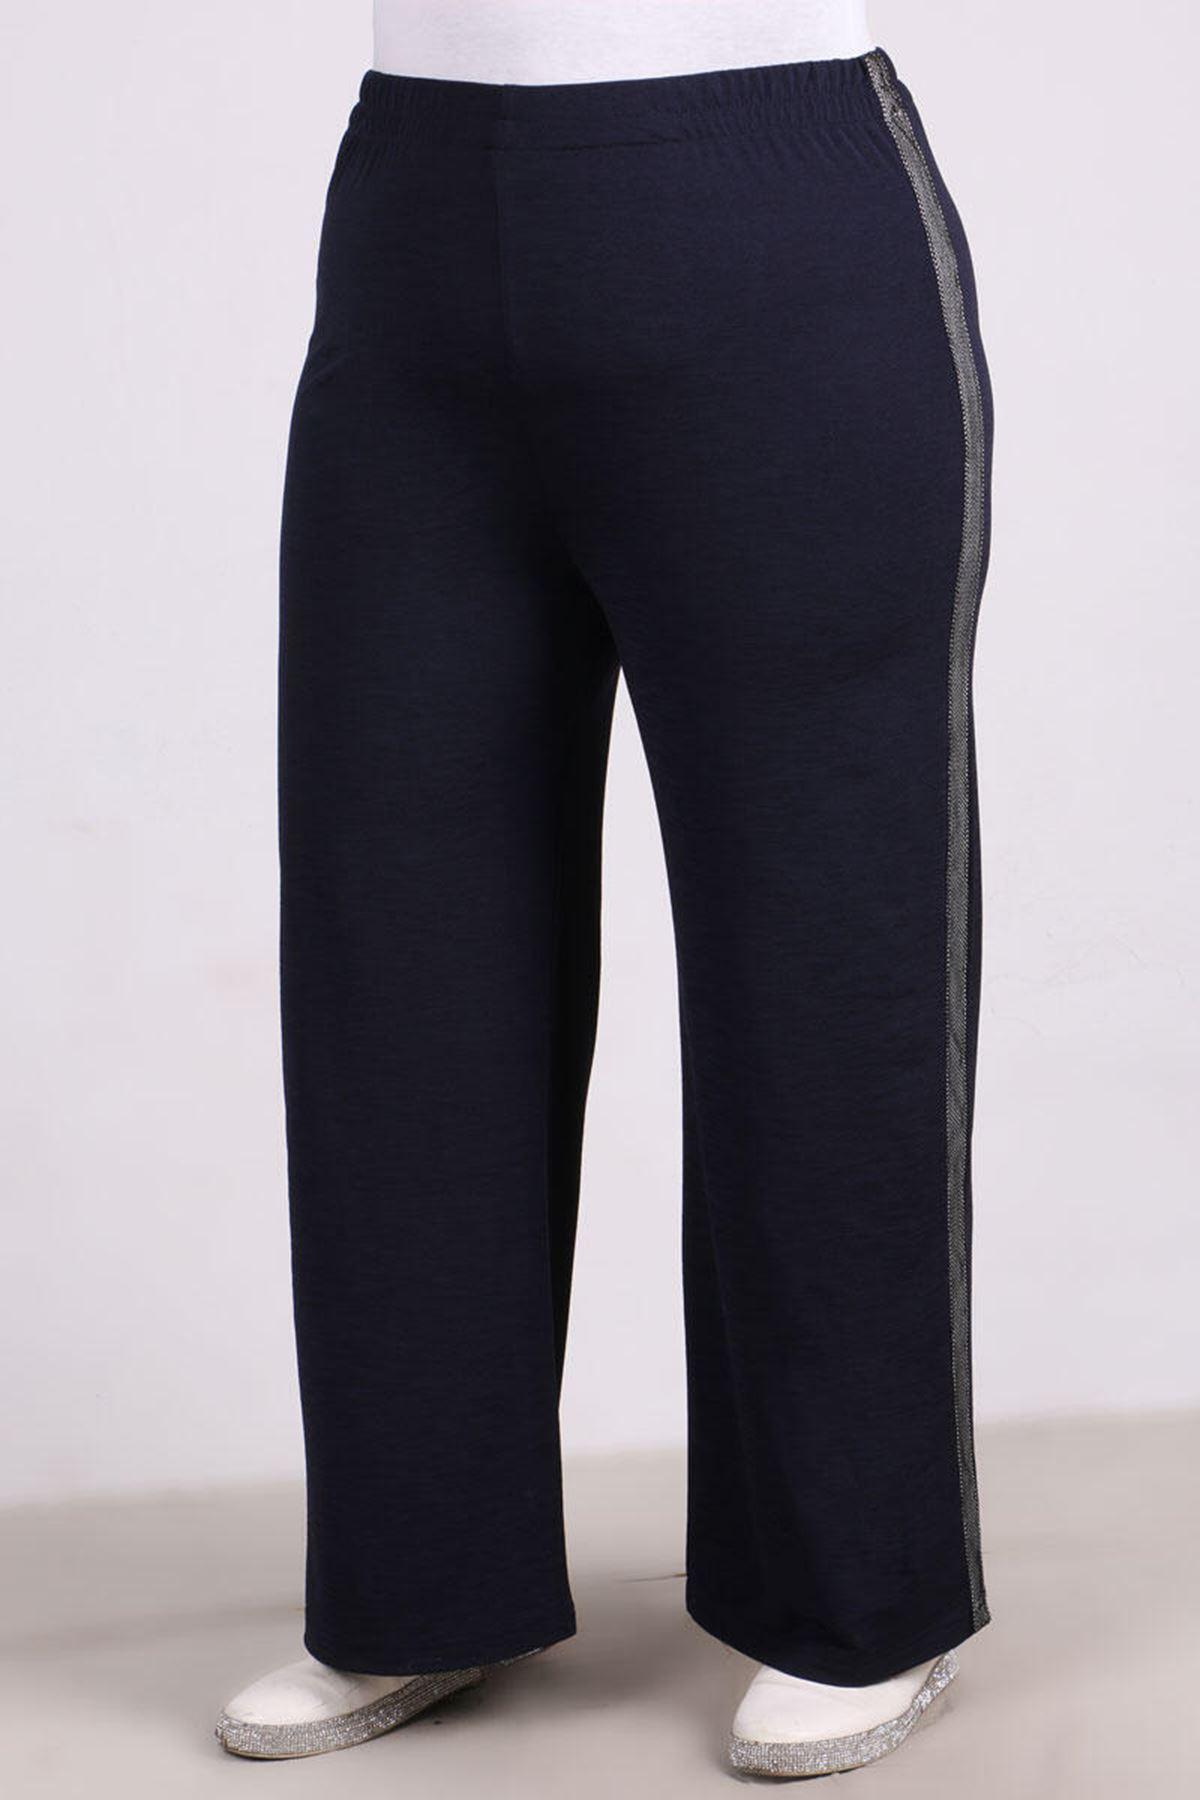 9141 Plus Size Pants - Navy Blue